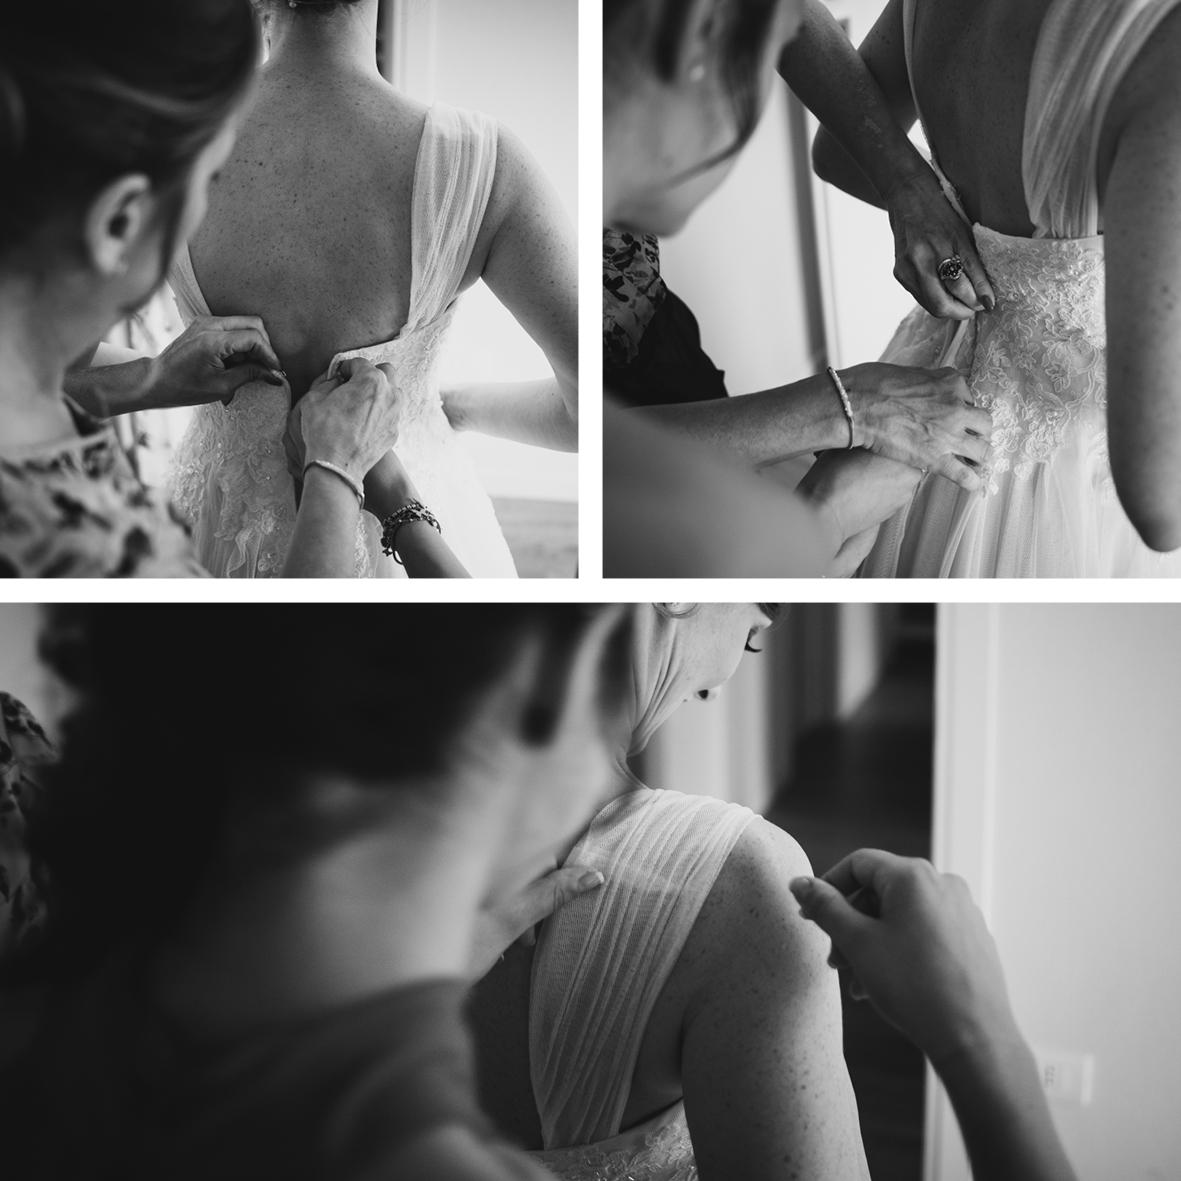 Fotografo matrimonio Brescia reportage di matrimonio Federico Rongaroli9